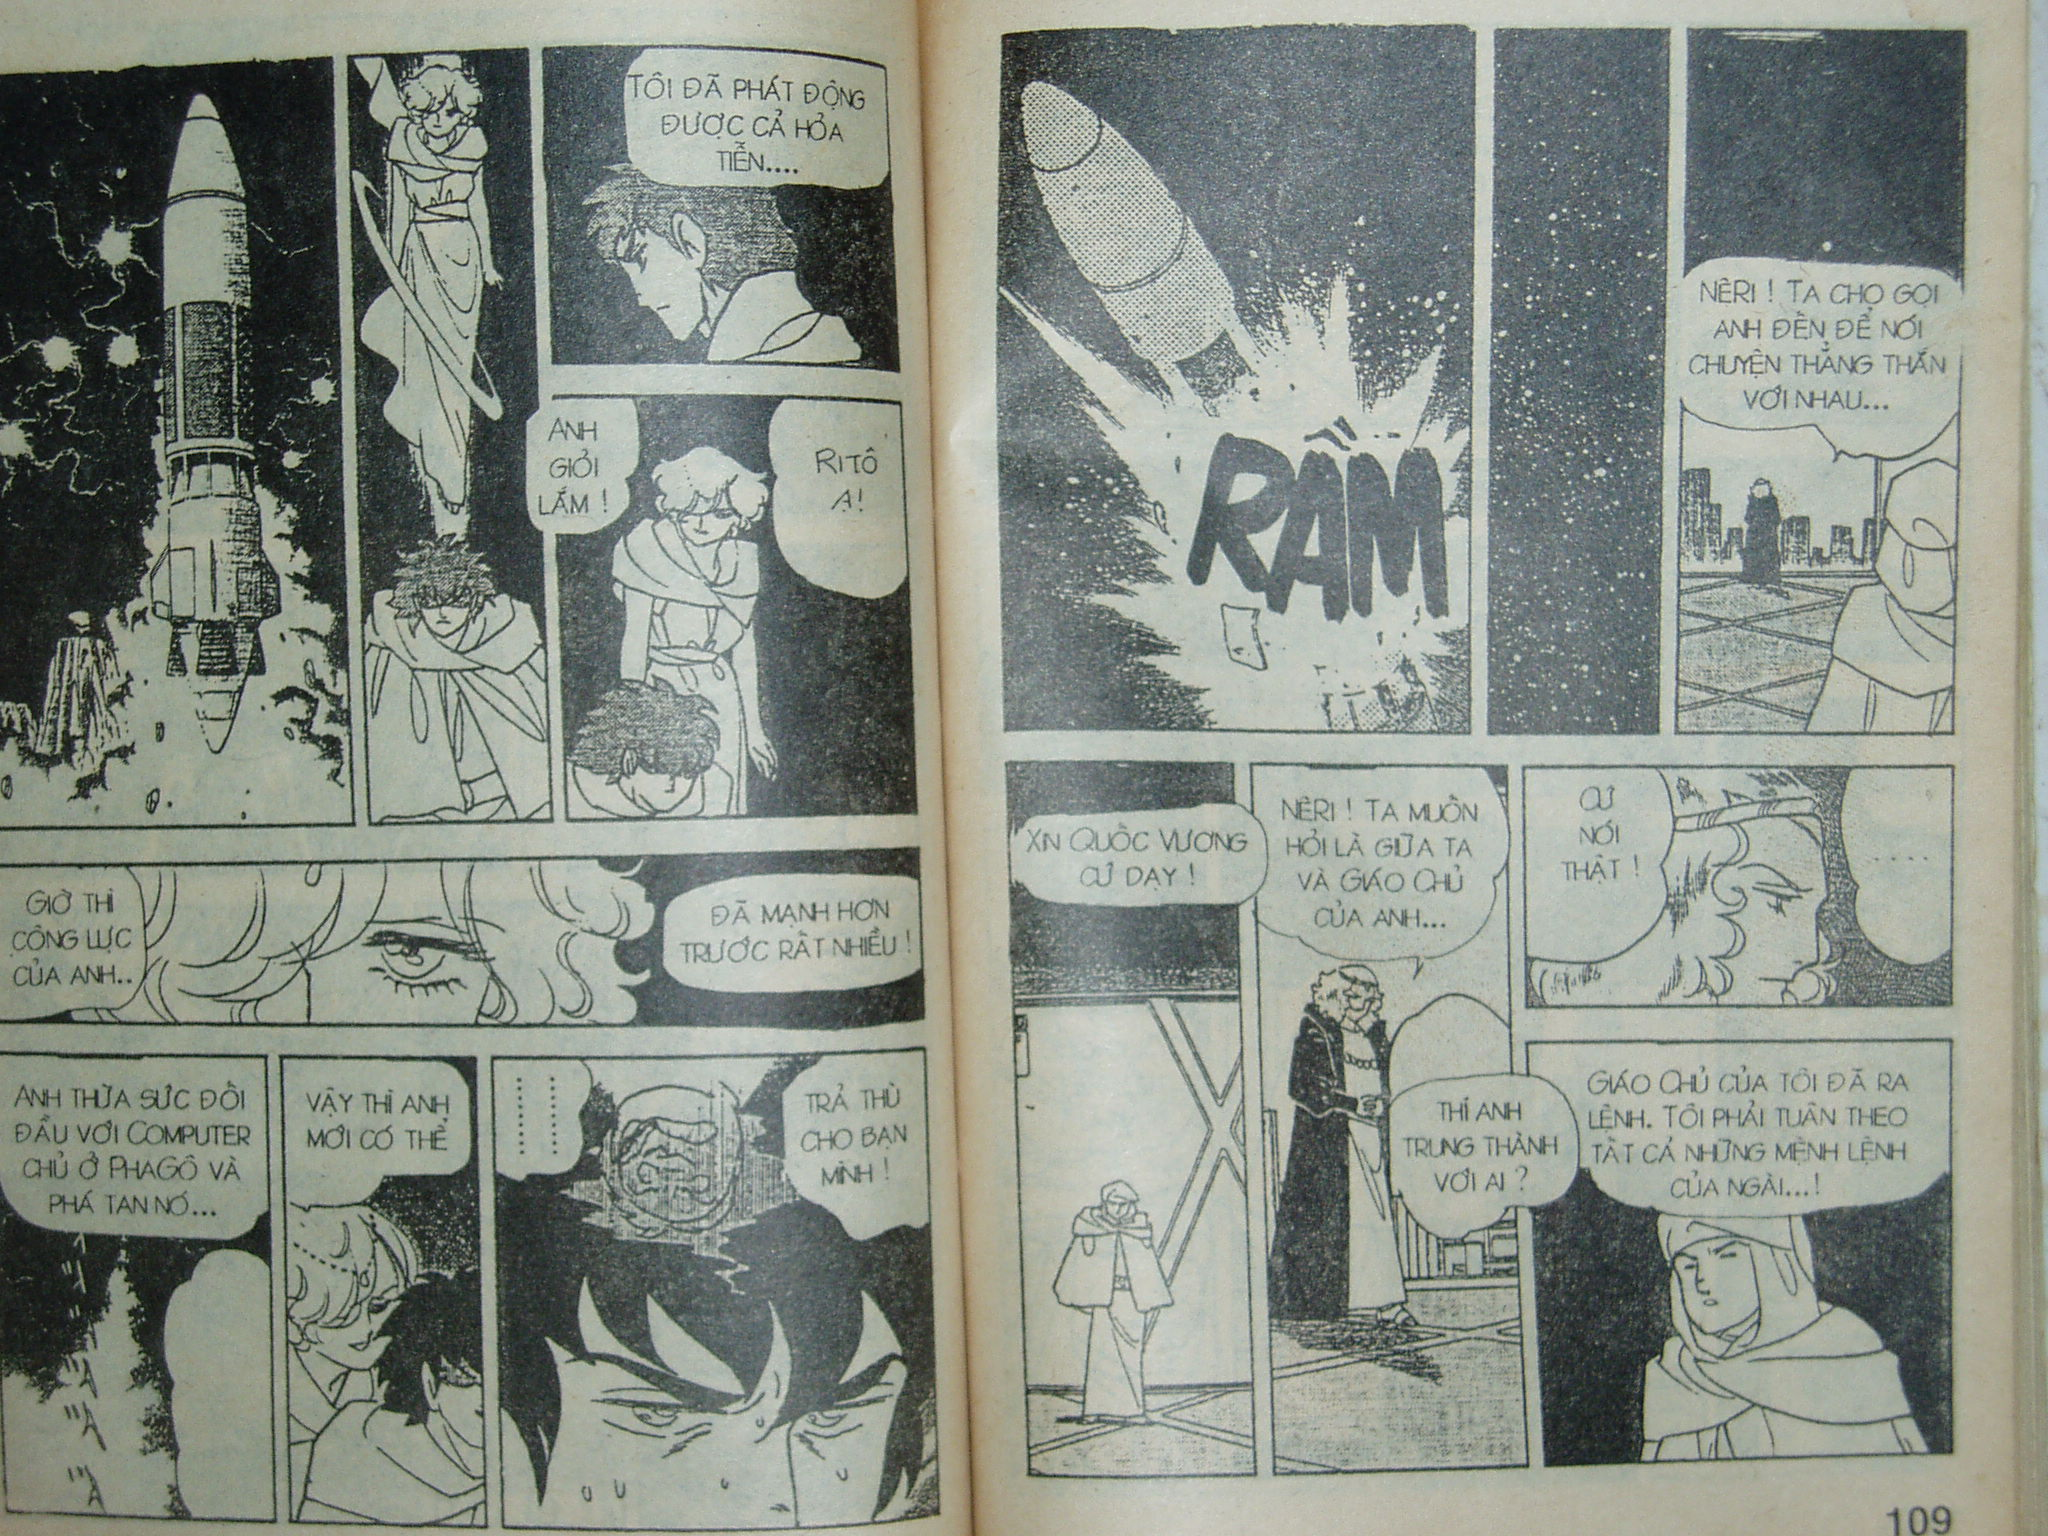 Siêu nhân Locke vol 17 trang 52